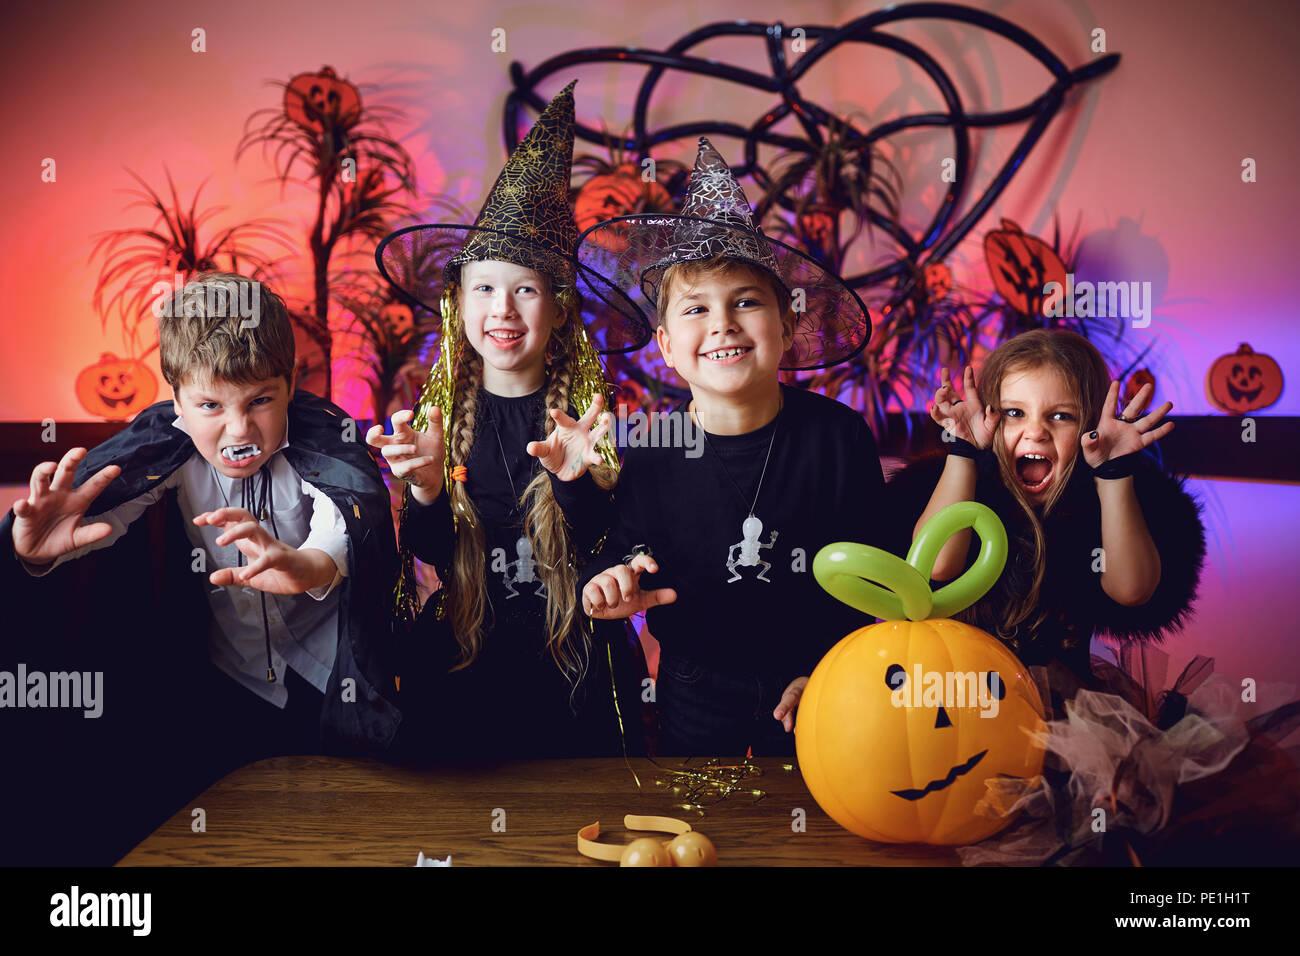 Halloween Gruppo.Eine Gruppe Kinder In Kostumen Auf Einer Halloween Urlaub Stockfoto